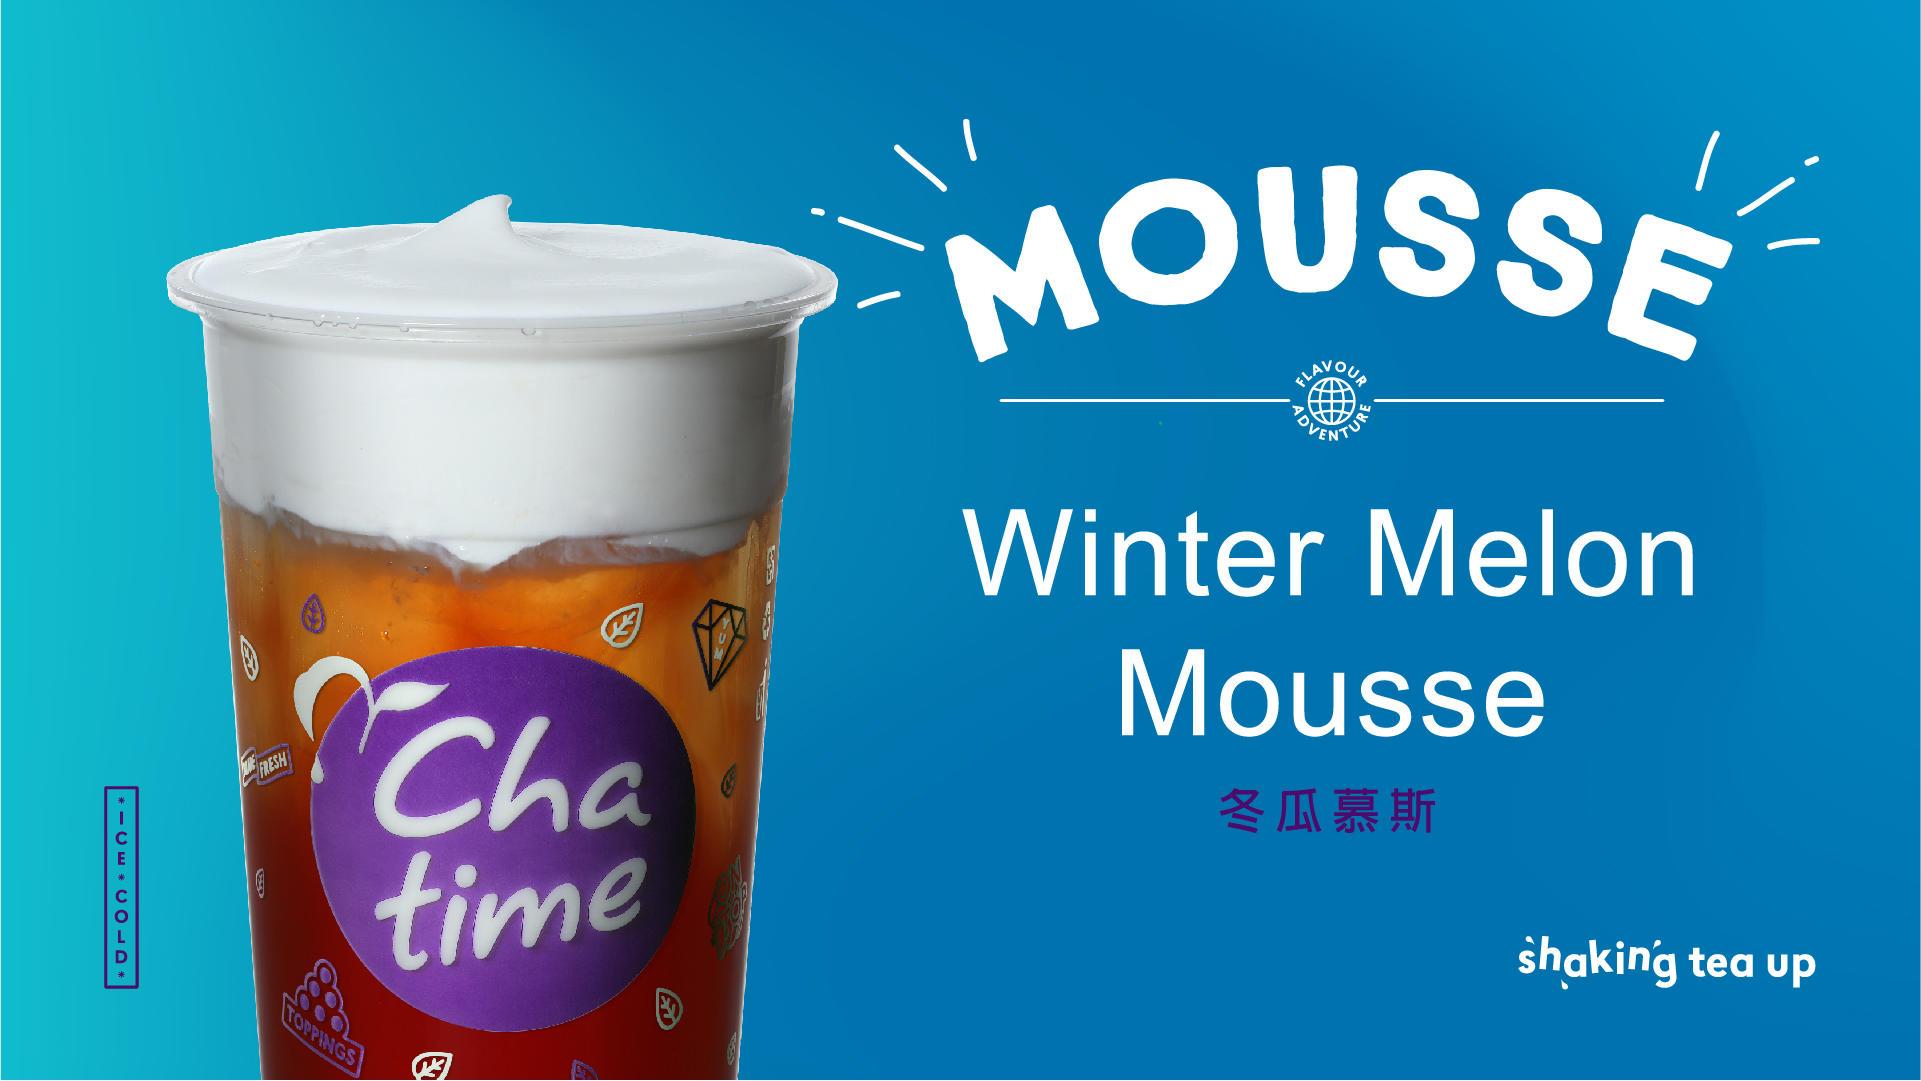 Chatime Bubble Tea & Slurping Noodles image 53